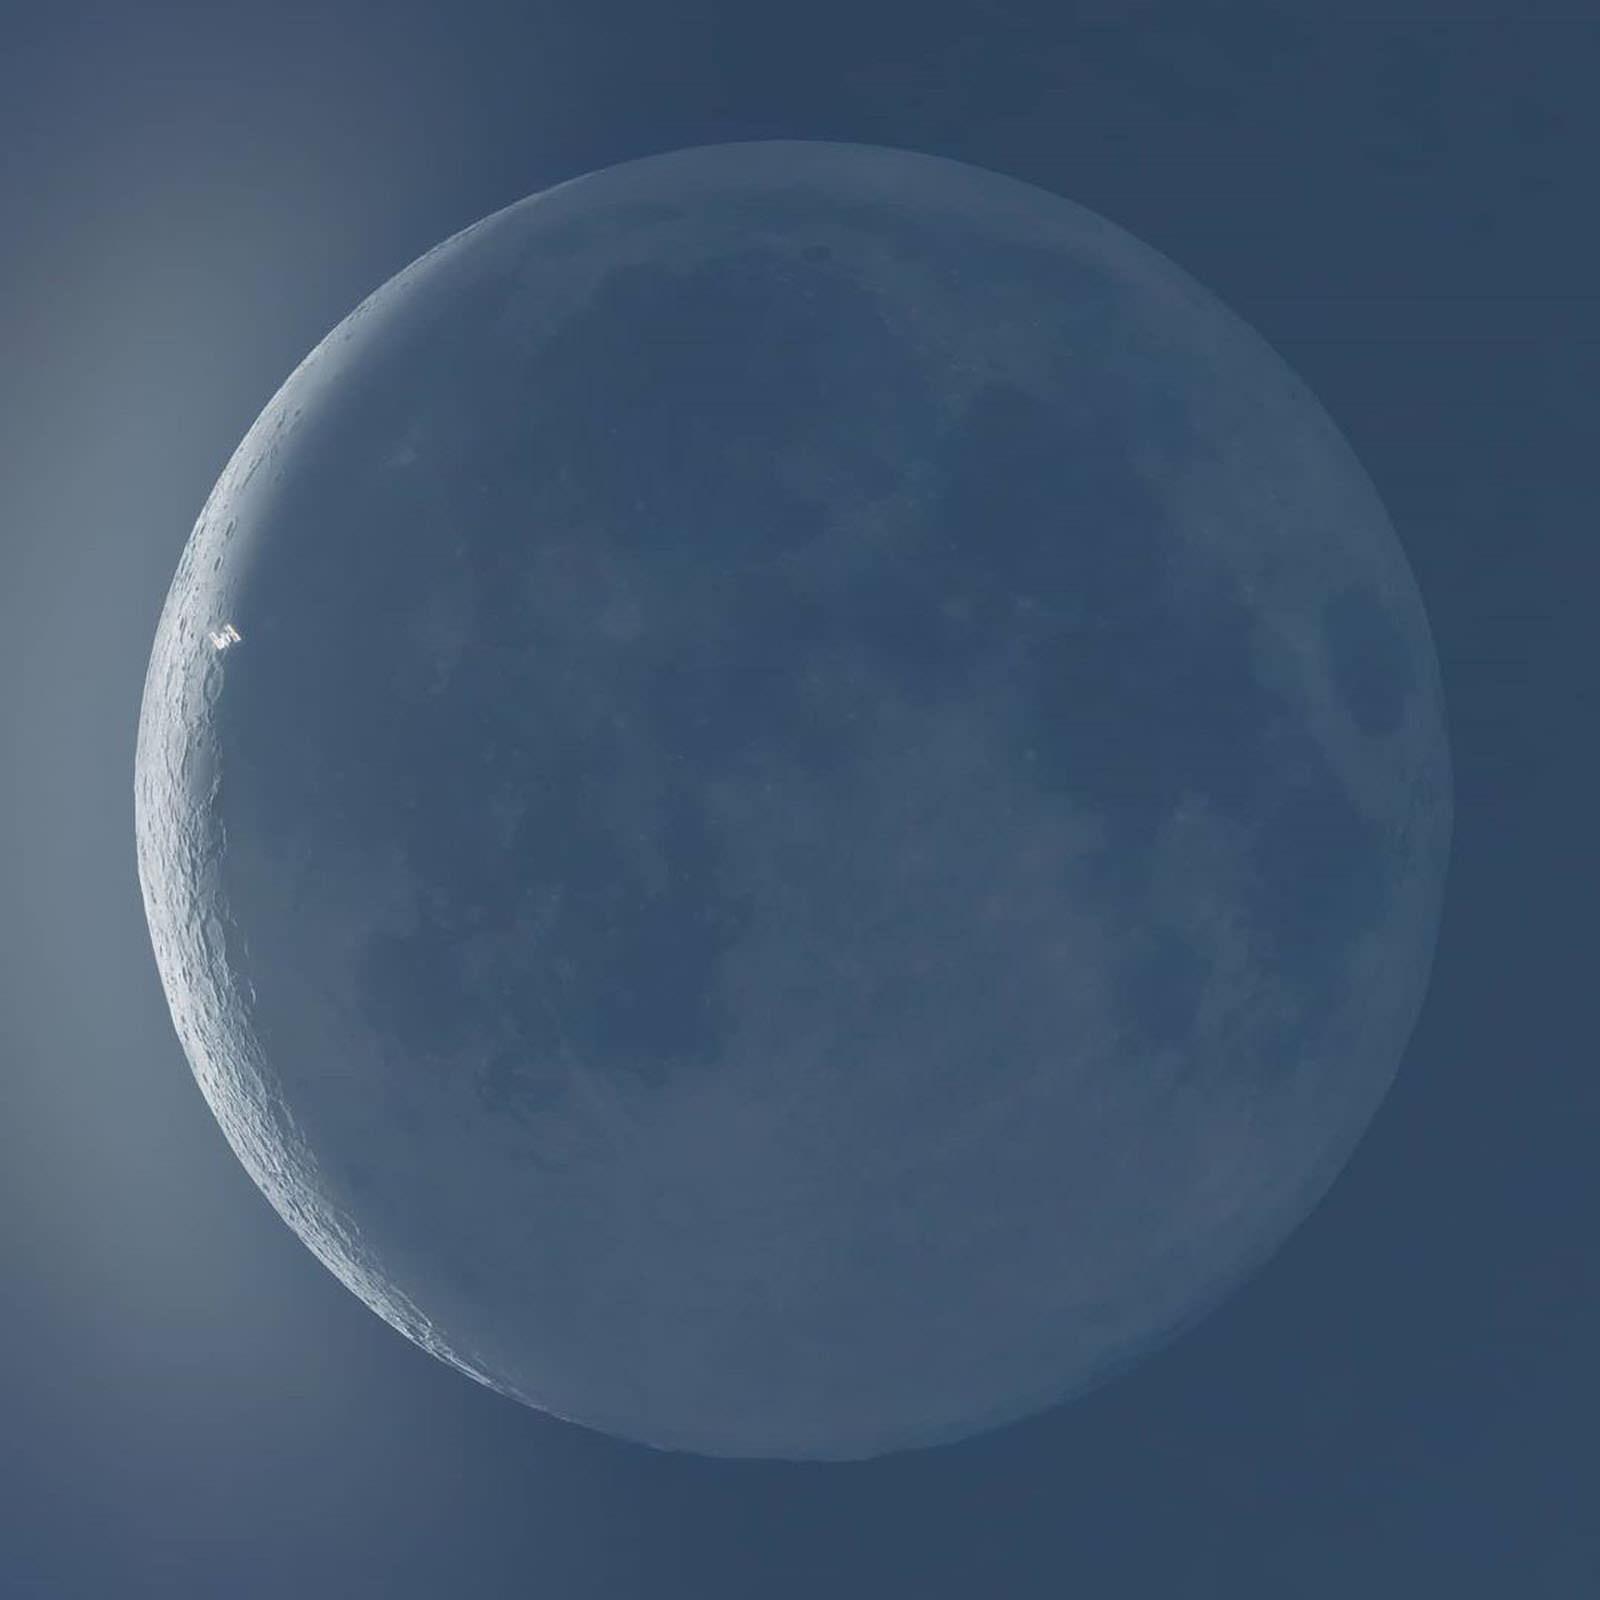 摄影师在他家后院抓拍到了国际空间站与太阳和月亮交错而过的照片插图